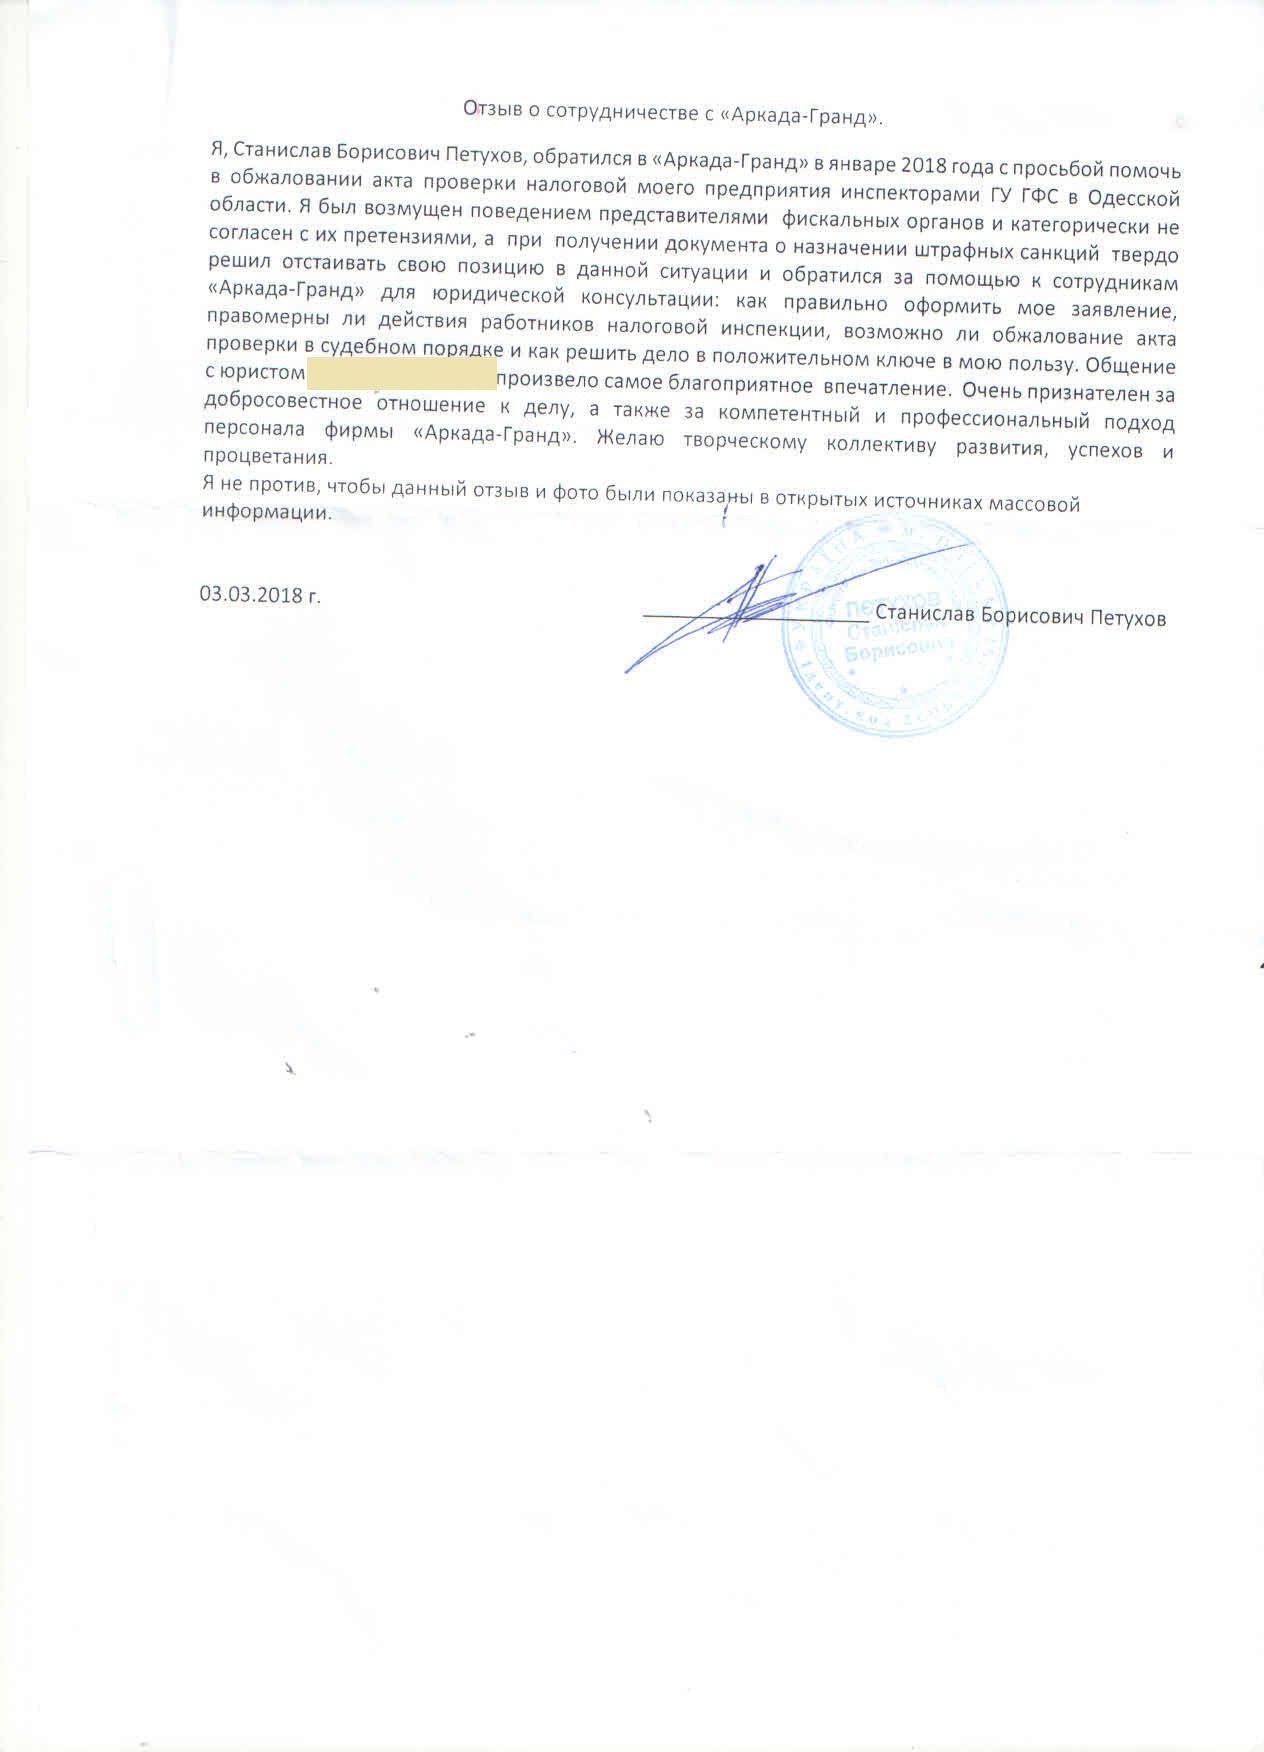 Отзыв об Аркада-Гранд - бухгалтерское и юридическое обслуживание компании